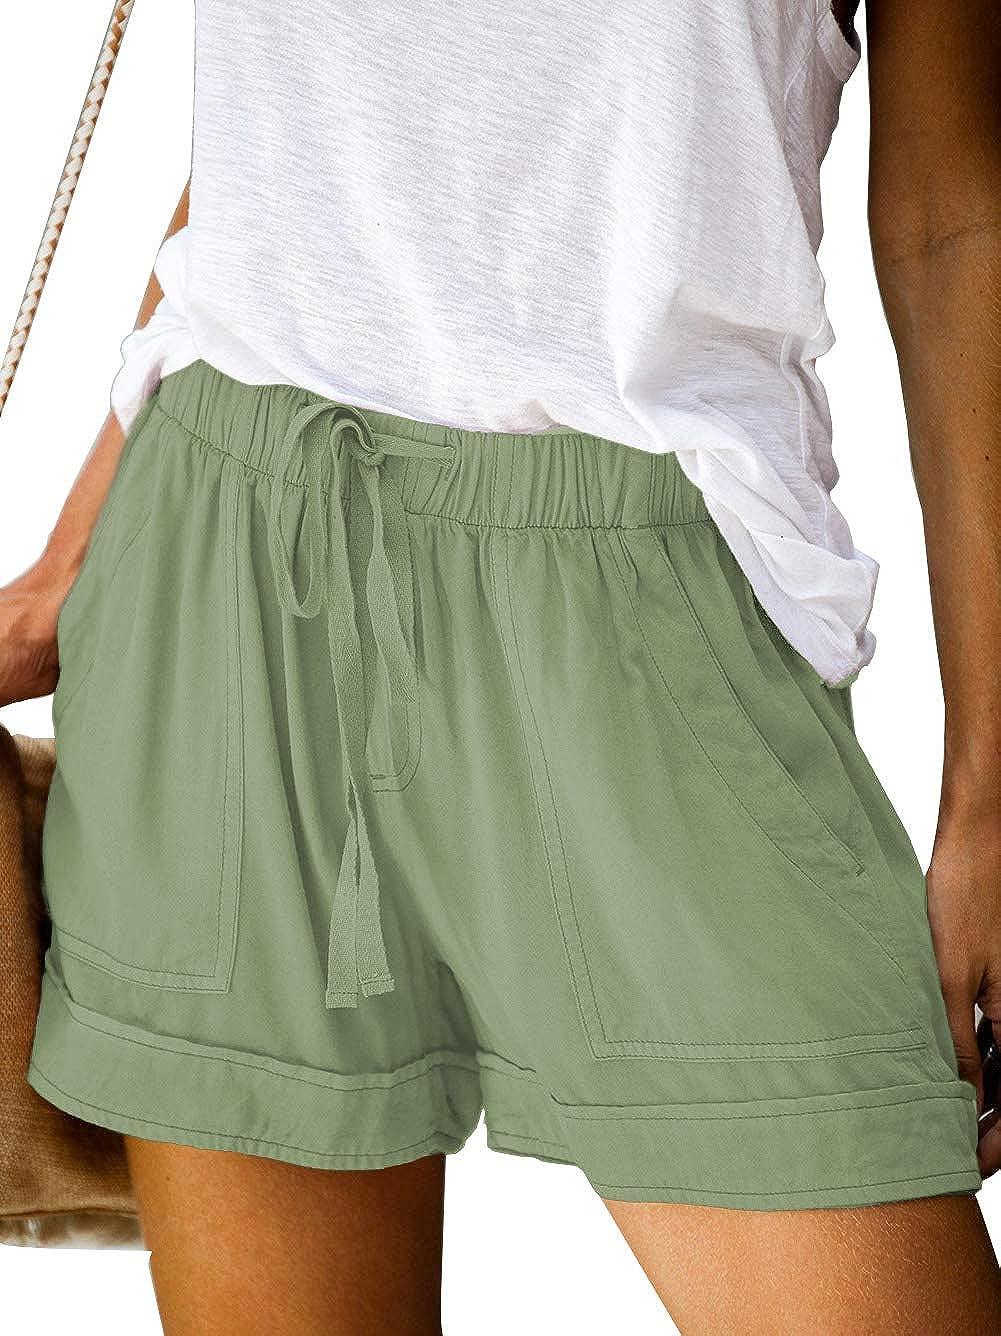 Bunanphy Womens Drawstring Casual Elastic Waist Loose Shorts with Pockets